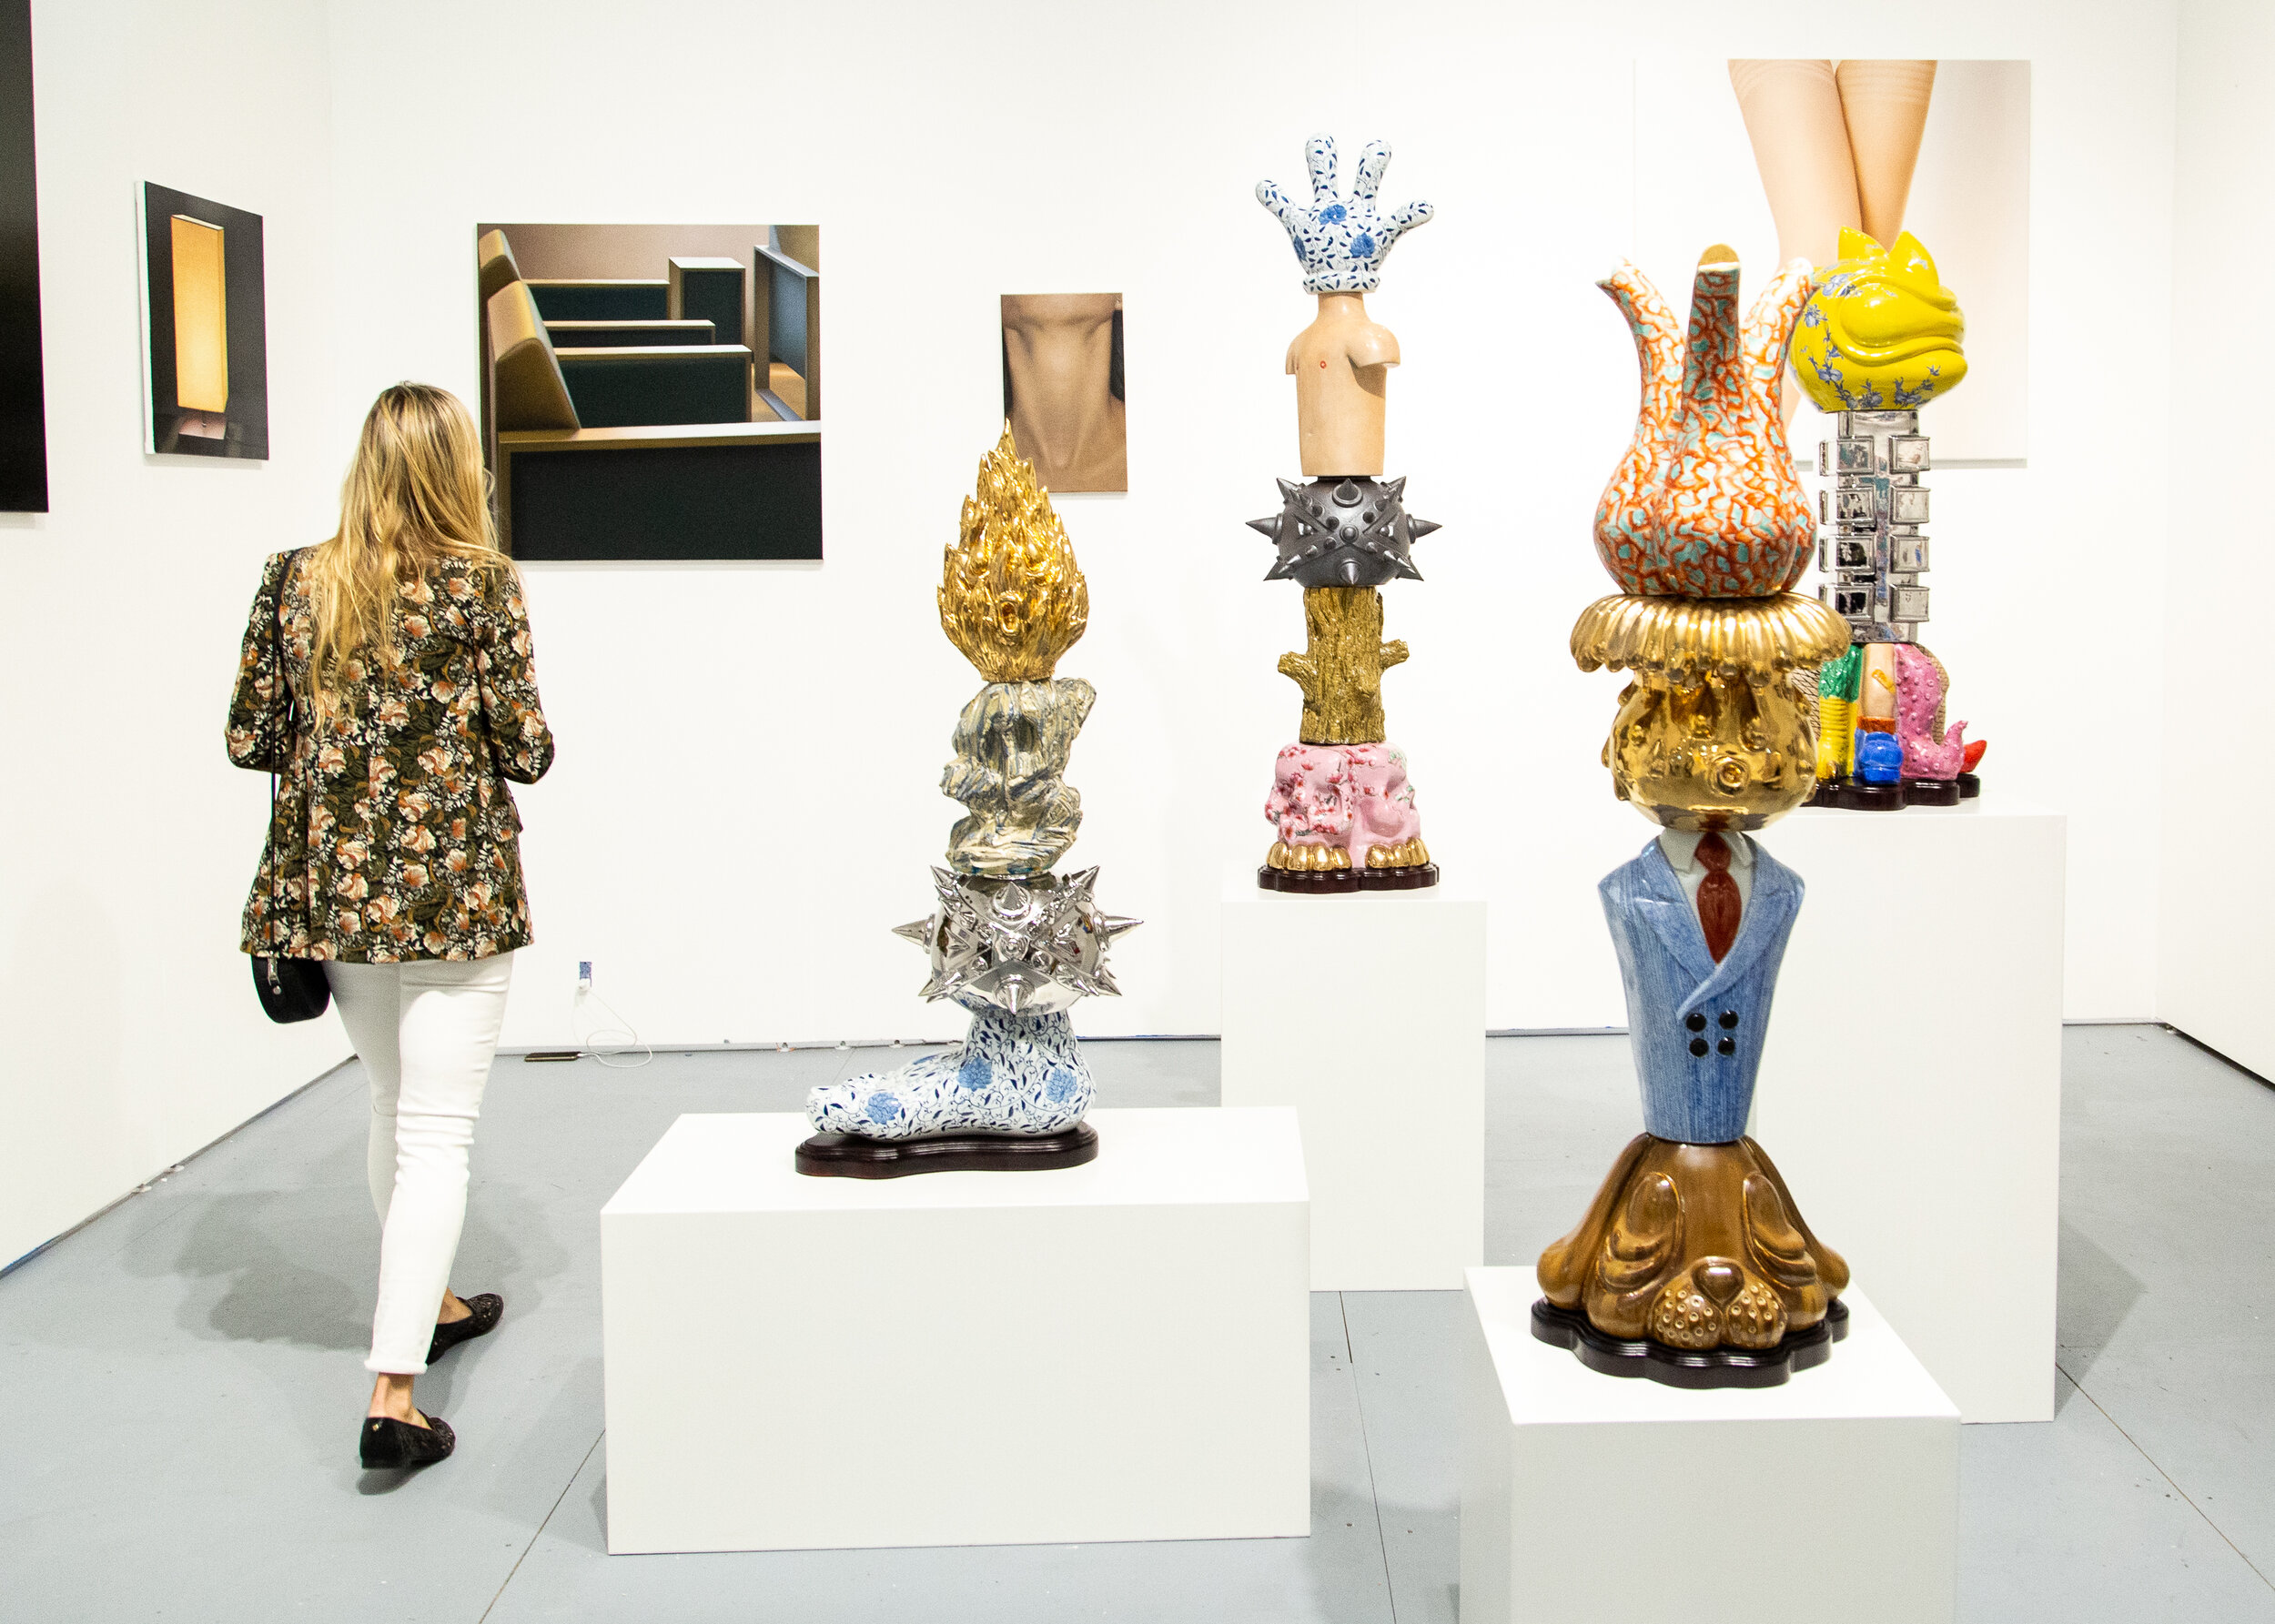 Con más de una década de experiencia Cristina Salmastrelli es nombrada directora de la Feria PULSE Art Fair    MiamiDiario BR, September 2019